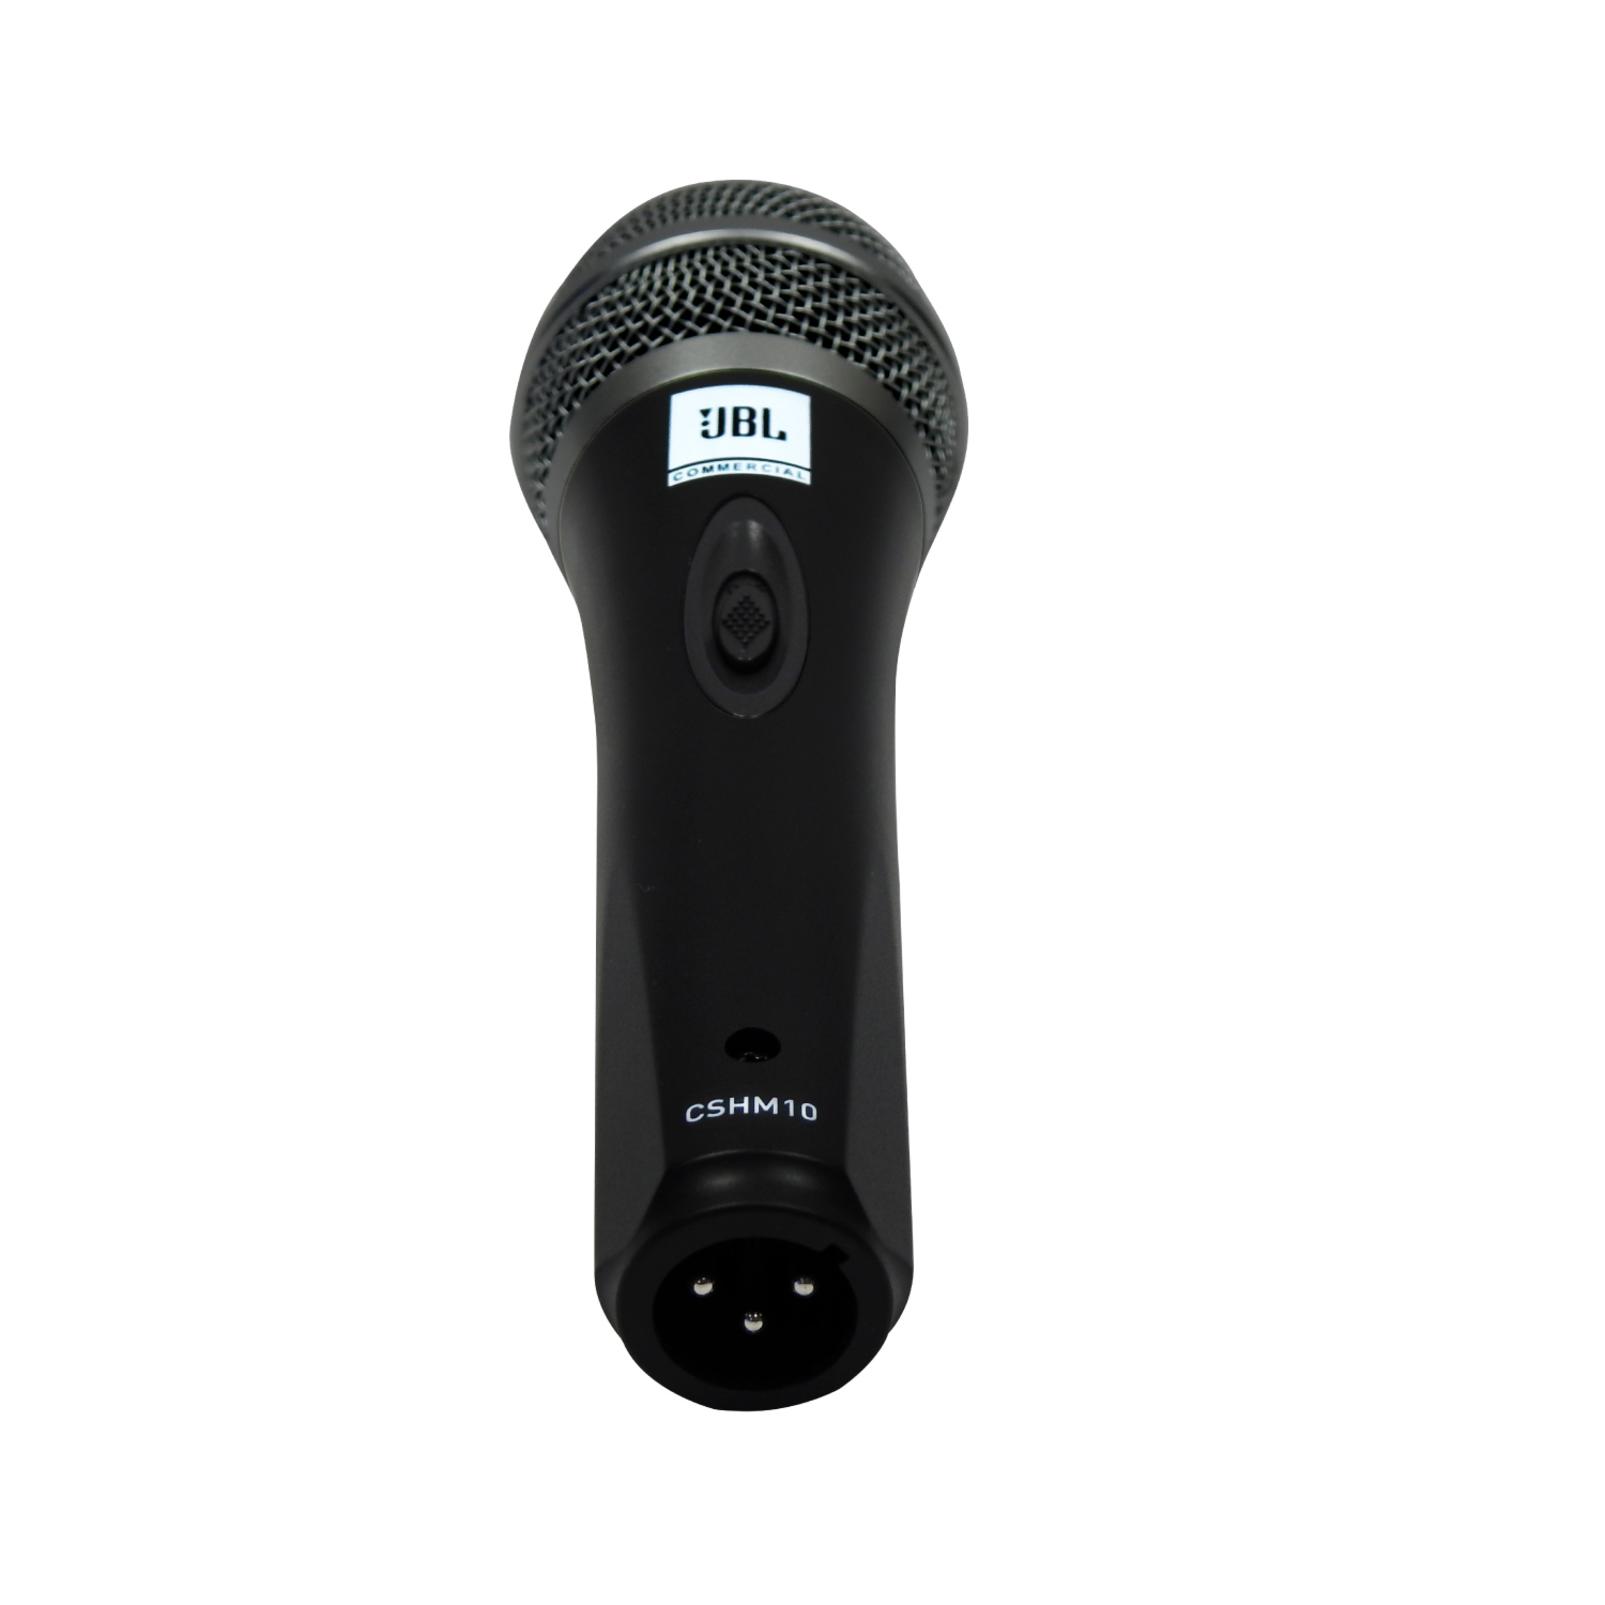 JBLCSHM10 - Black - Handheld Dynamic Vocal Microphone - Detailshot 2